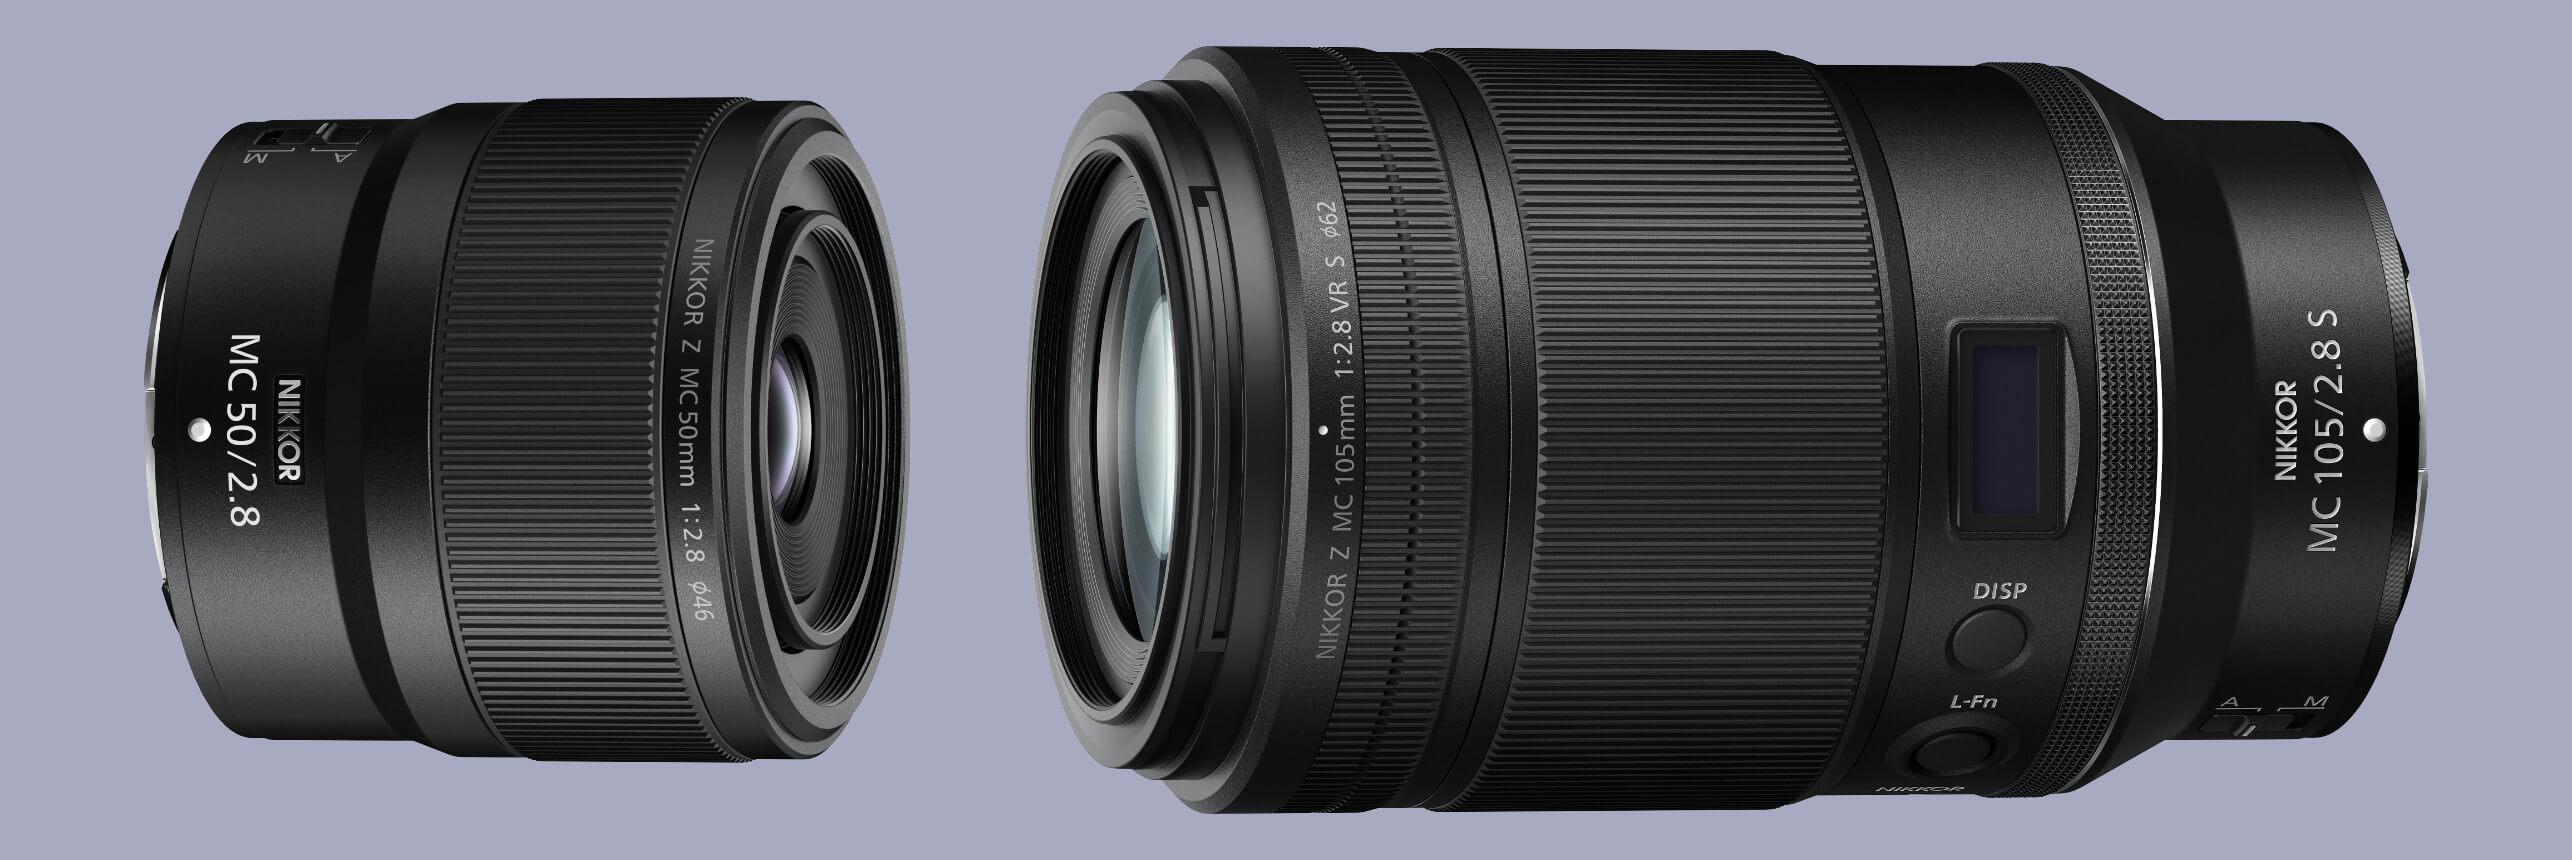 Nové makroobjektivy pro Nikony Z –právě teď!